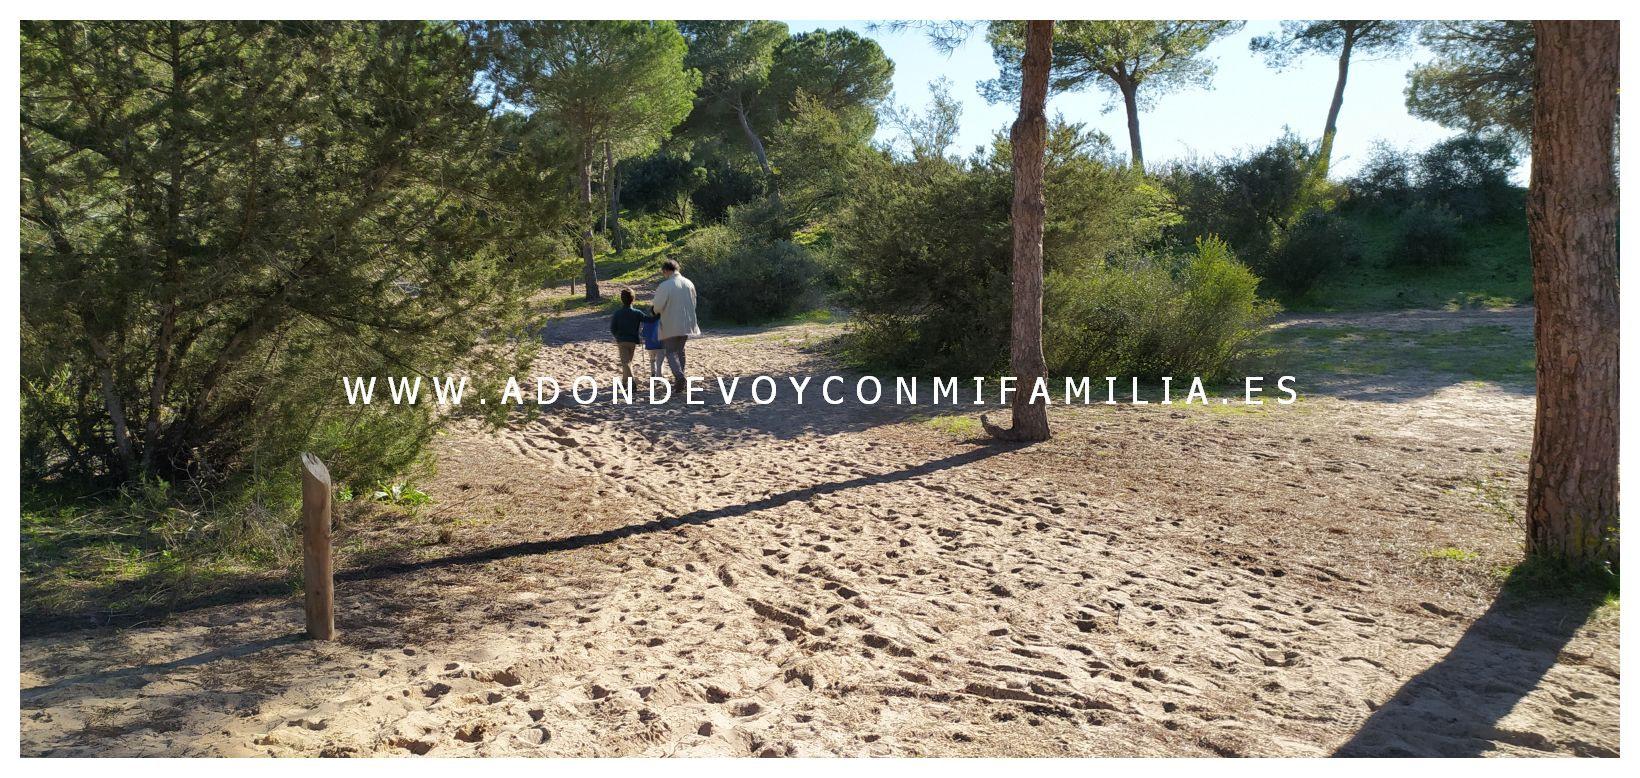 sendero-cerro-del-aguila-pinar-de-la-algaida-sanlucar-adondevoyconmifamilia-01